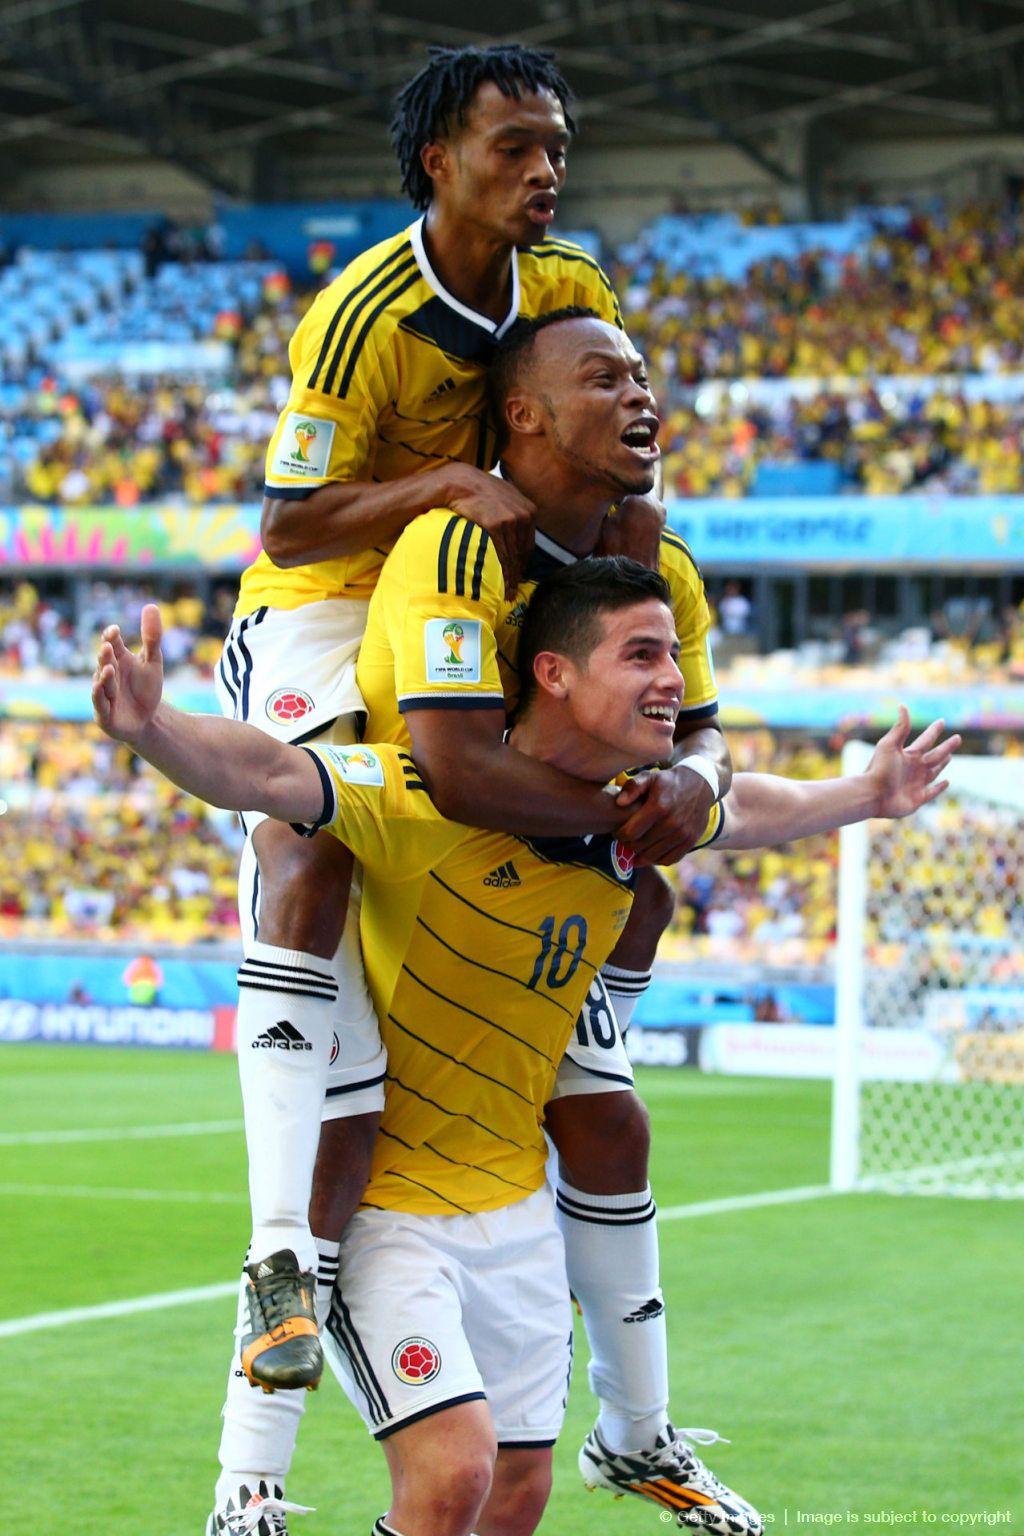 El triunvirato colombiano James Rodriguez Juan Camilo Zu±iga y